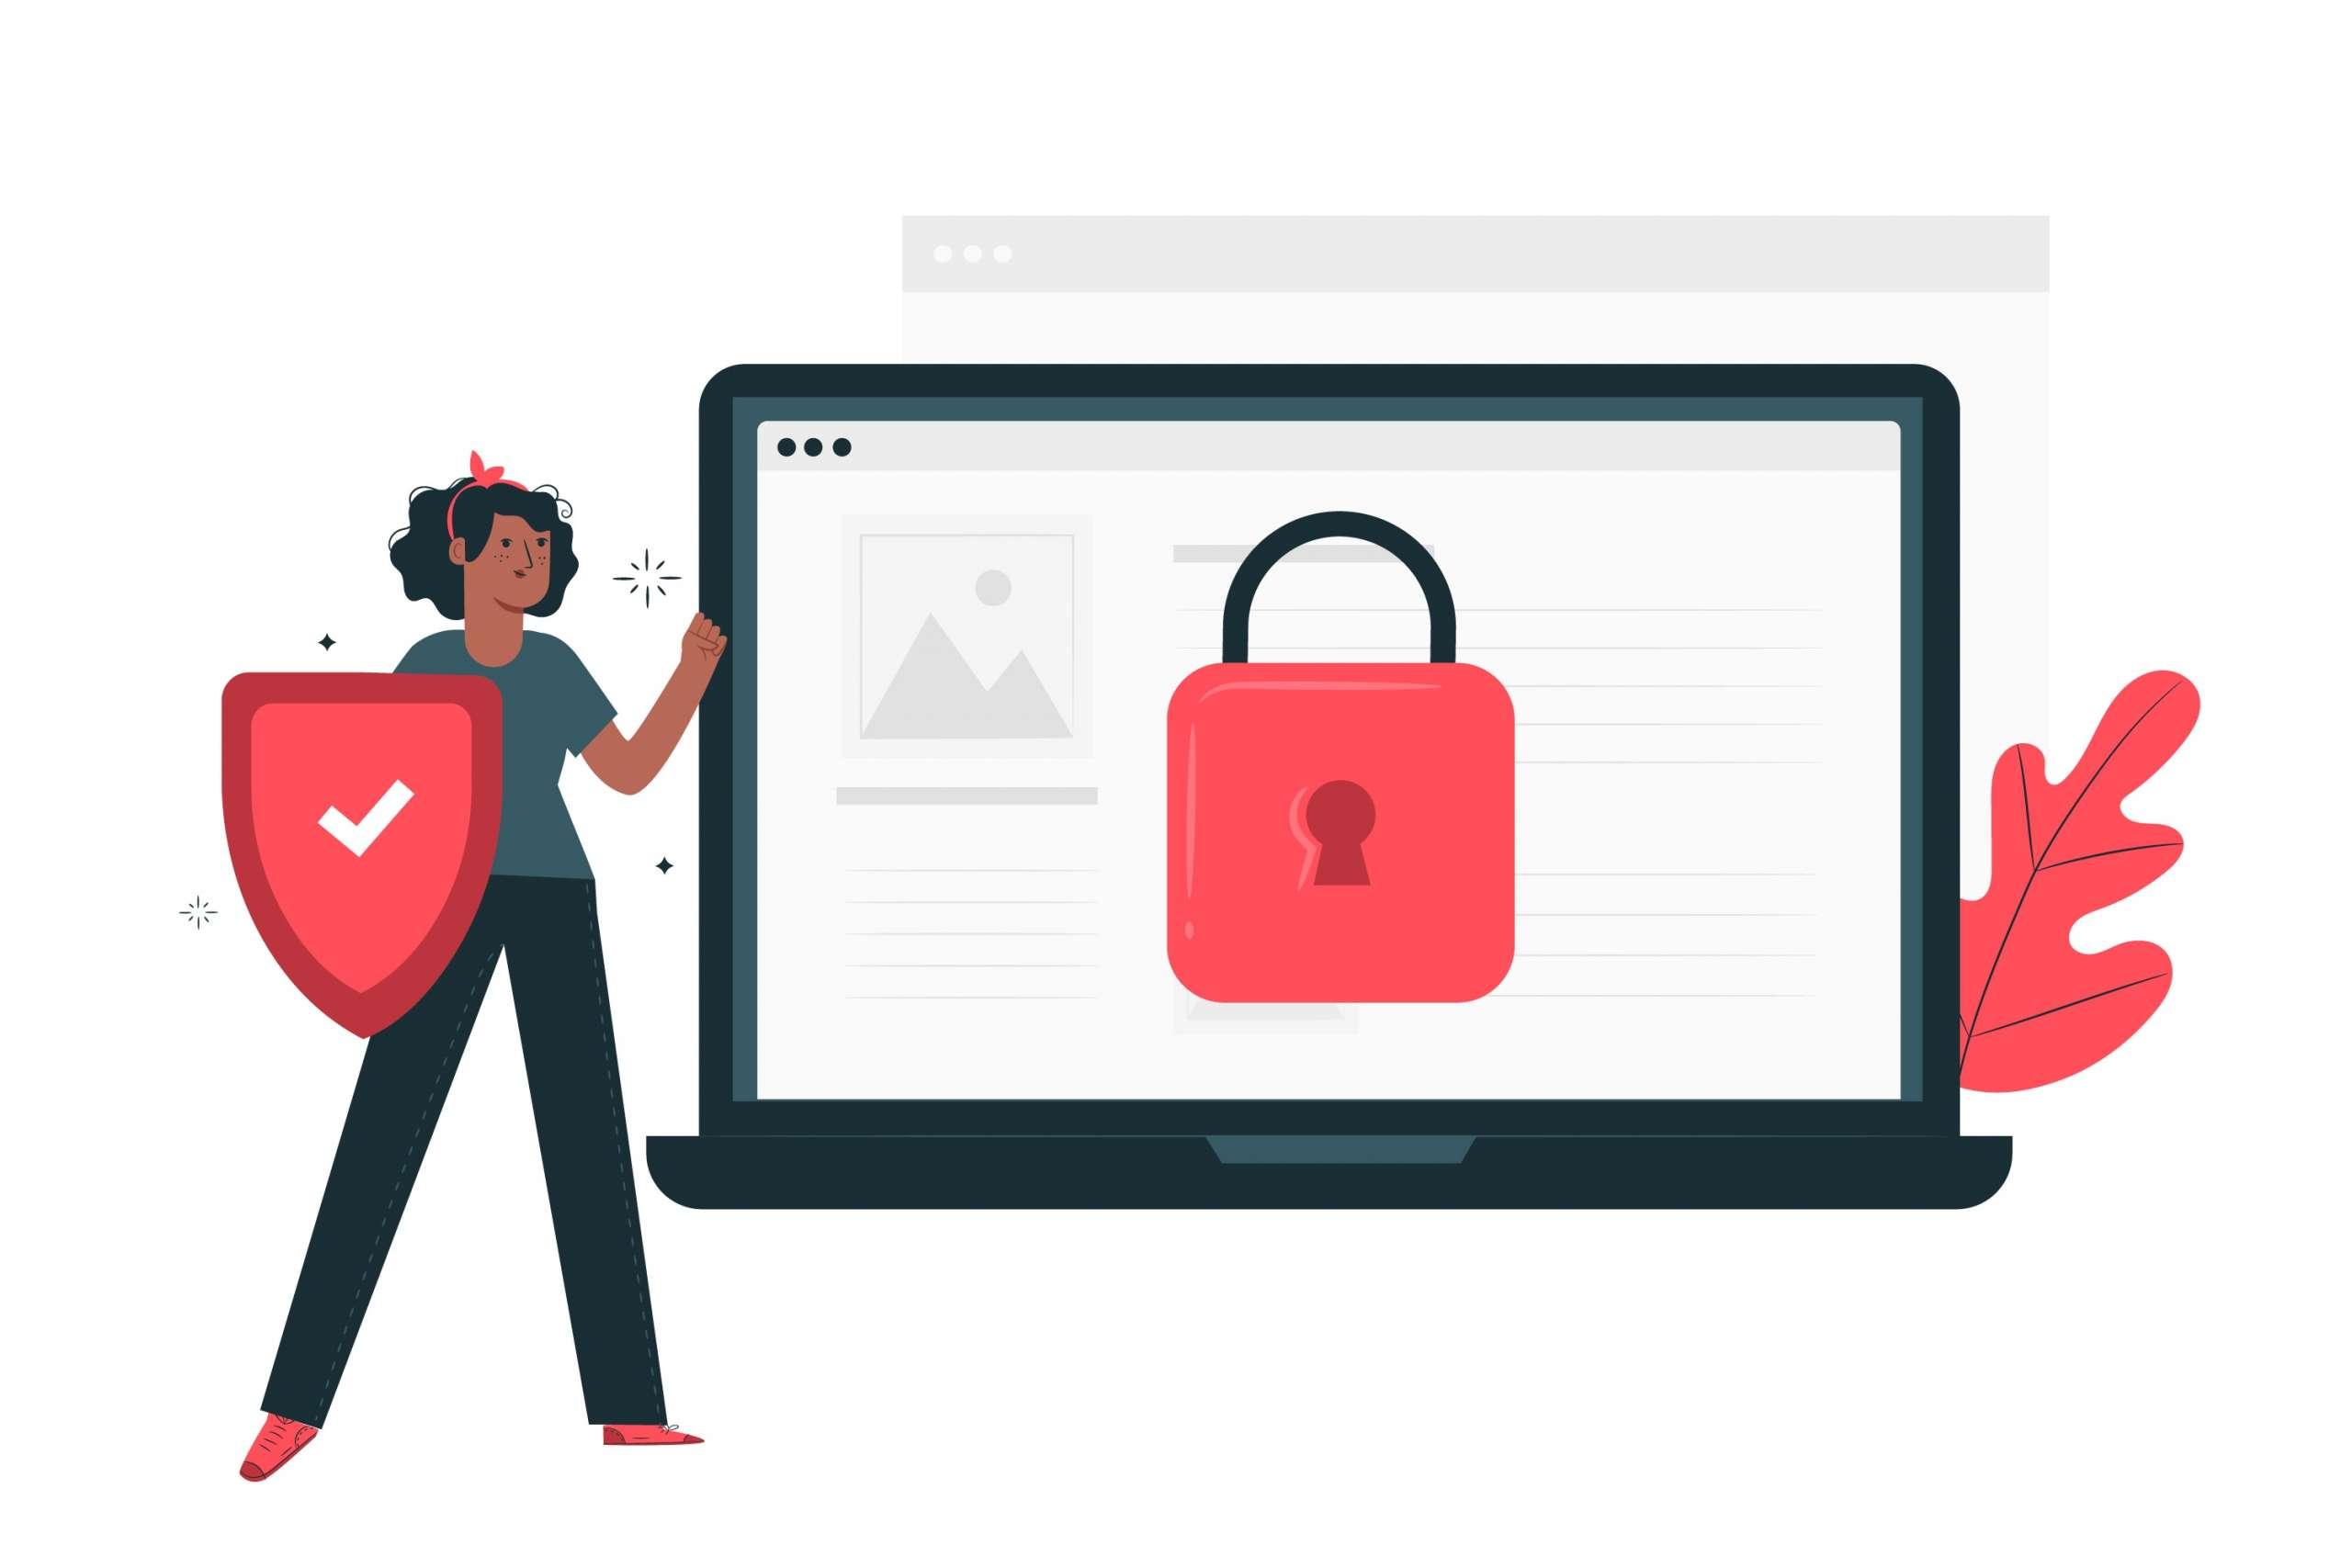 ataques,Facebook,Ebay,Adobe,Yahoo